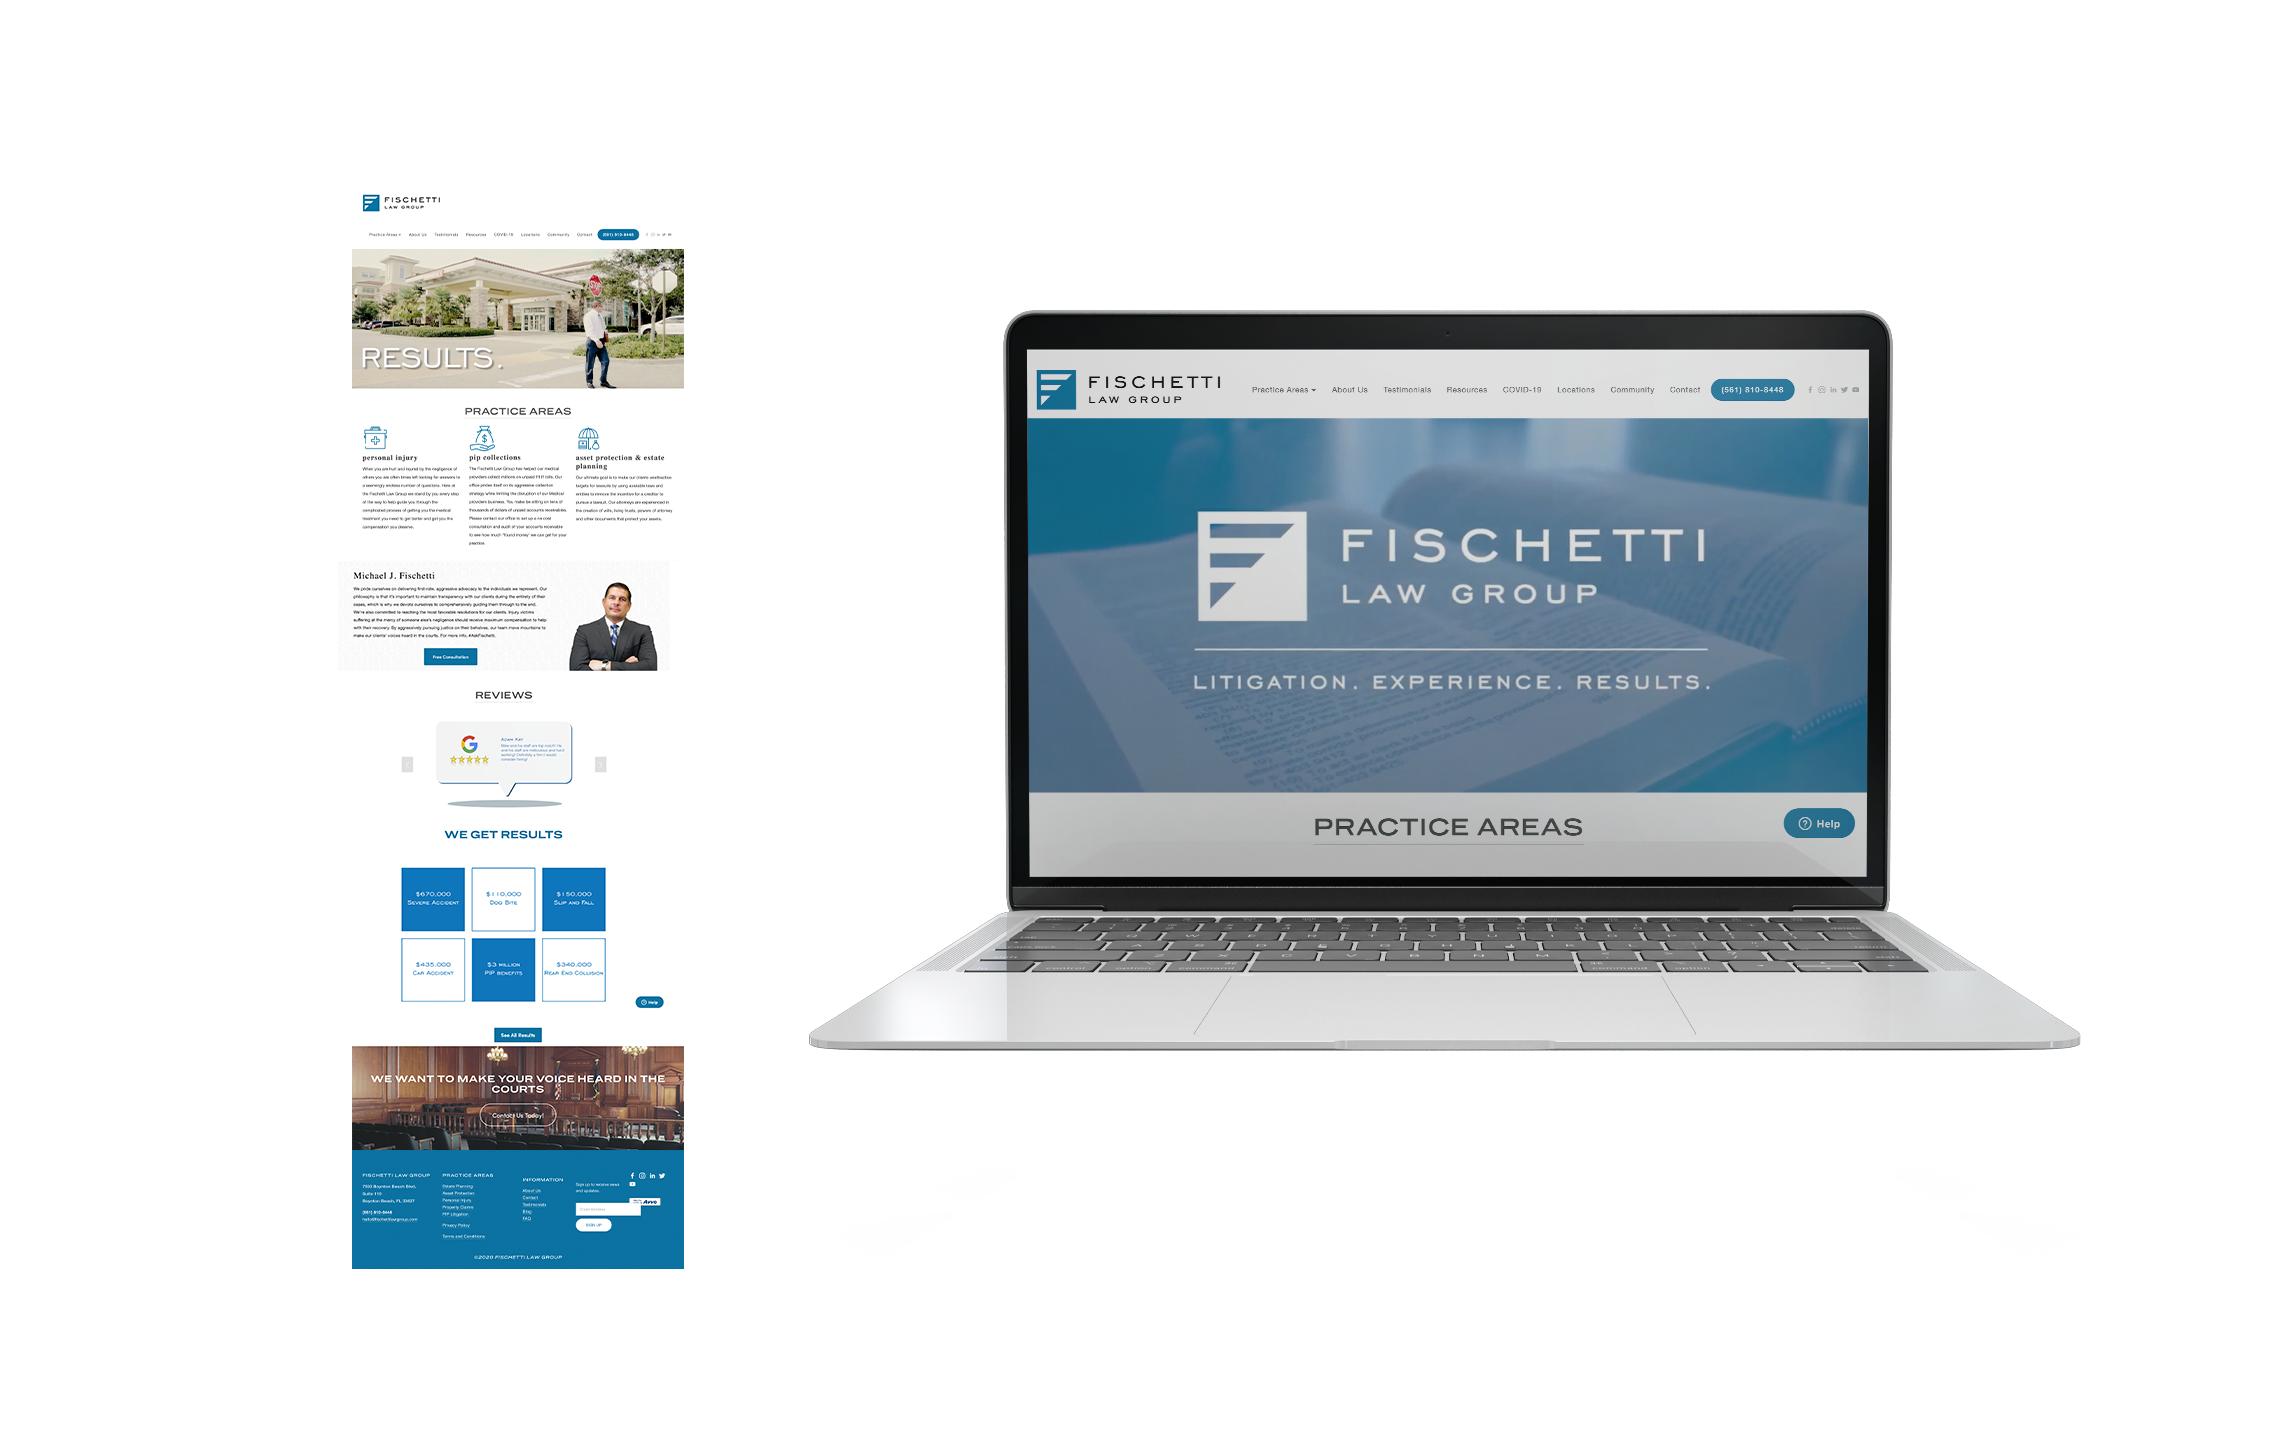 Fischetti Law Group Website